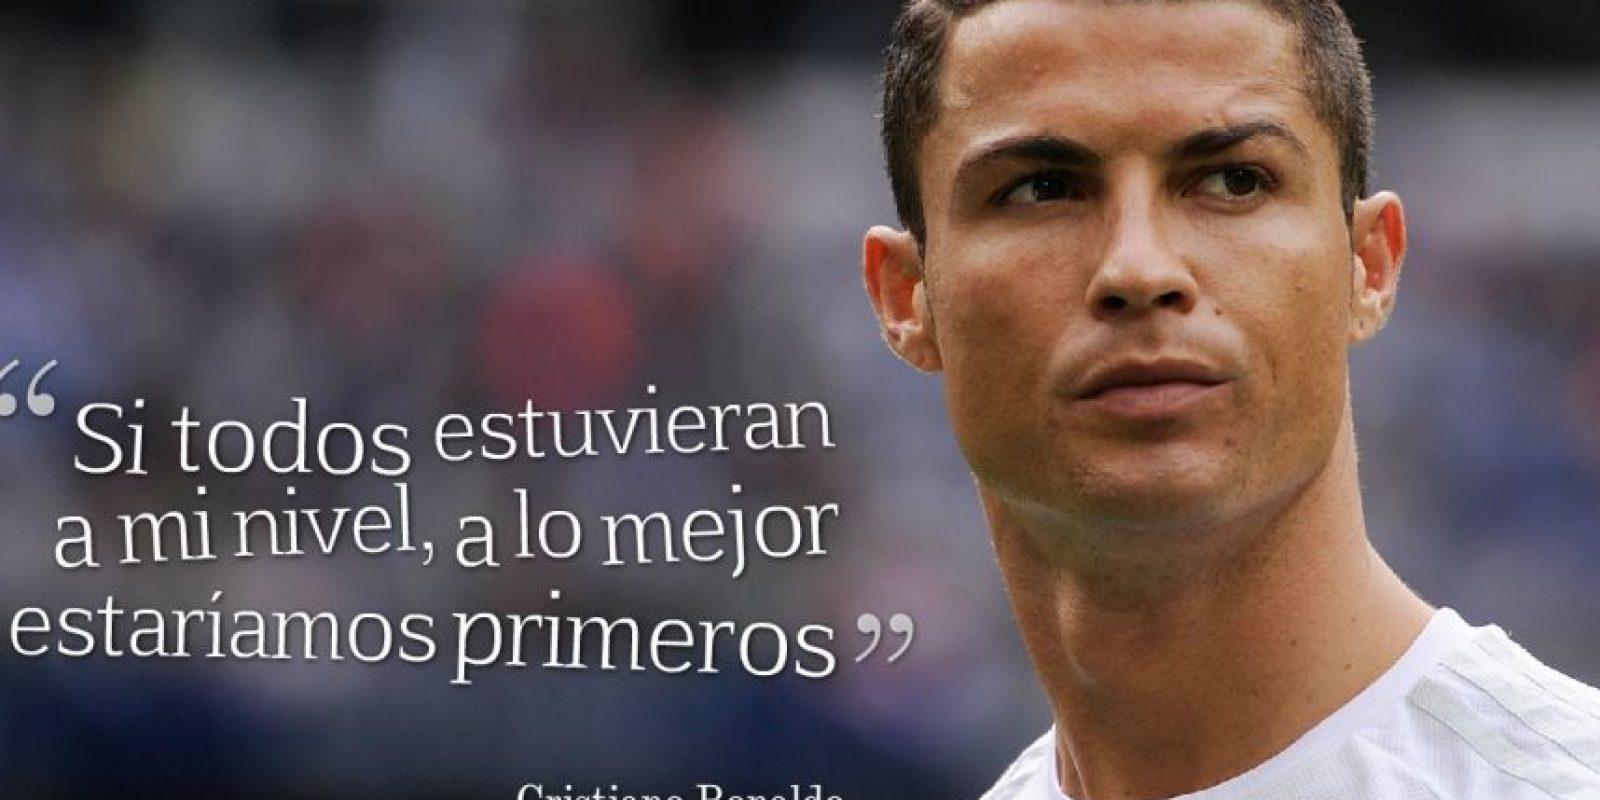 """8. Es la última """"joya"""" de Cristiano Ronaldo. El portugués se quejó así de sus compañeros tras perder el derby de Madrid ante el Atlético el pasado fin de semana. Foto:Getty Images"""